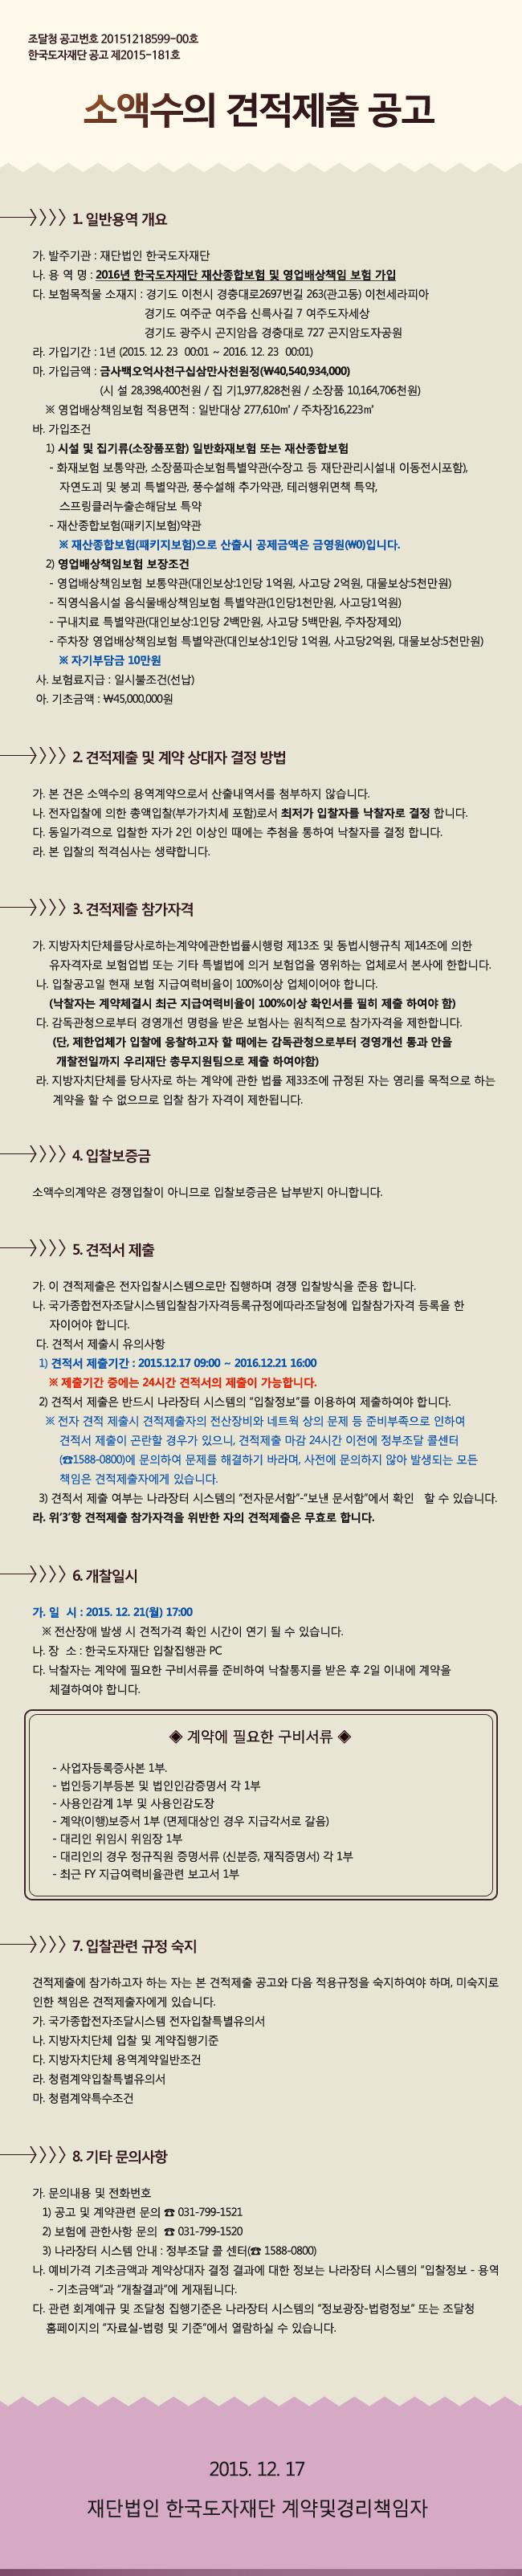 2016년 한국도자재단 재산종합보험 및 영업배상책임 보험 가입